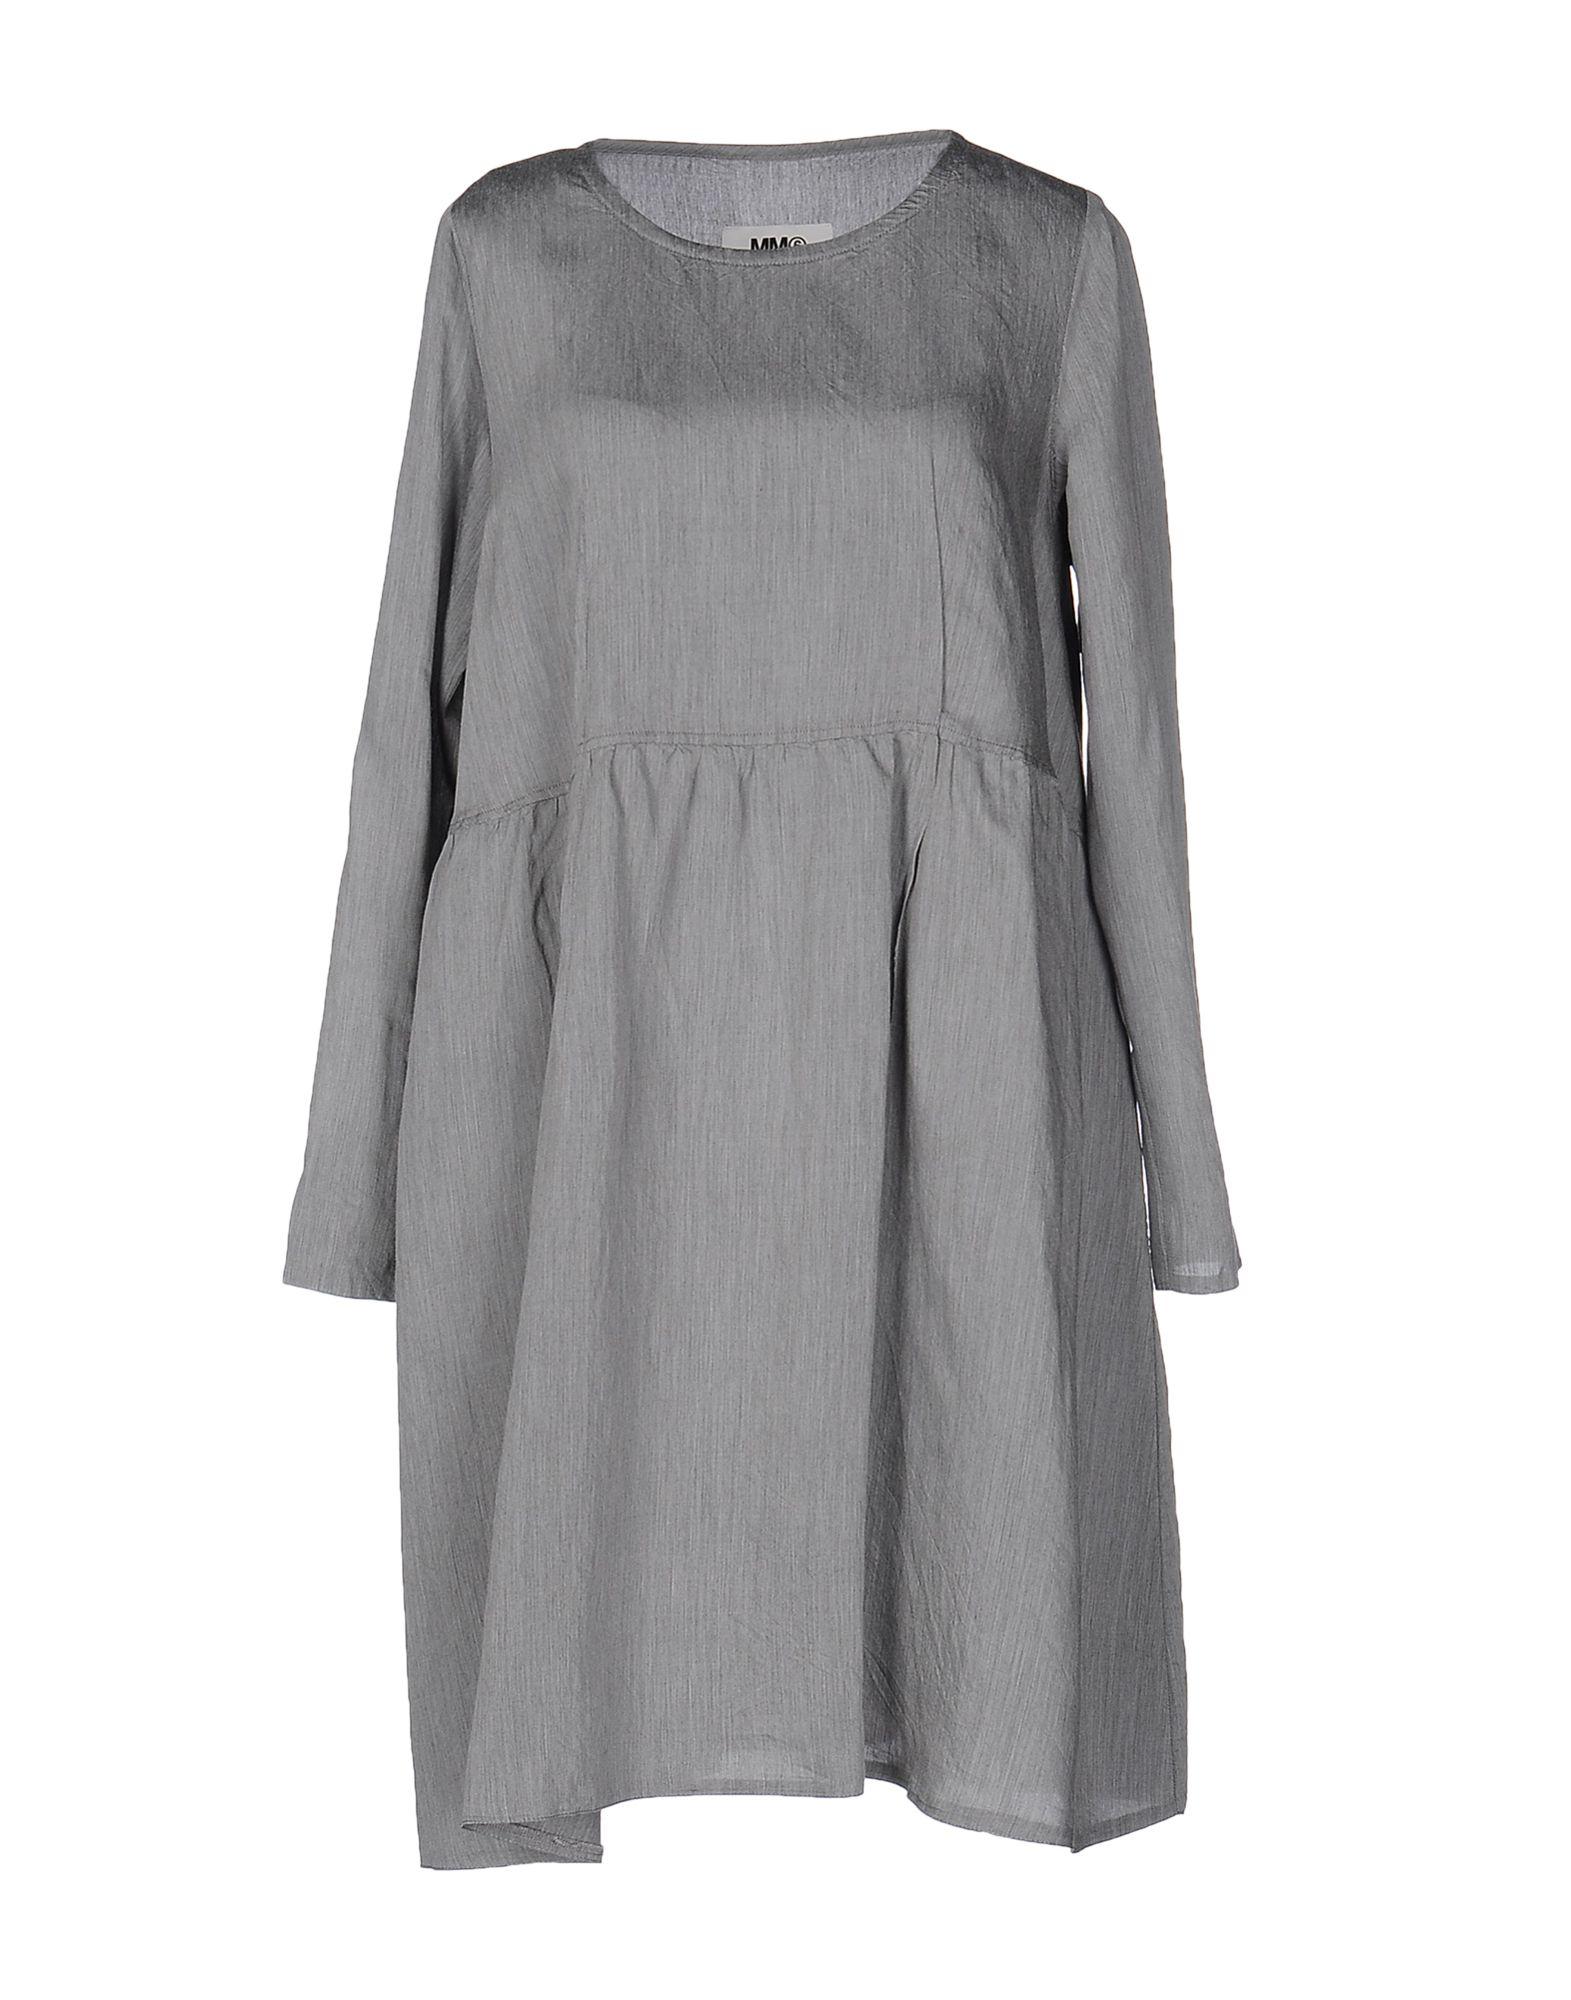 MM6 MAISON MARGIELA Damen Kurzes Kleid Farbe Grau Größe 5 - broschei